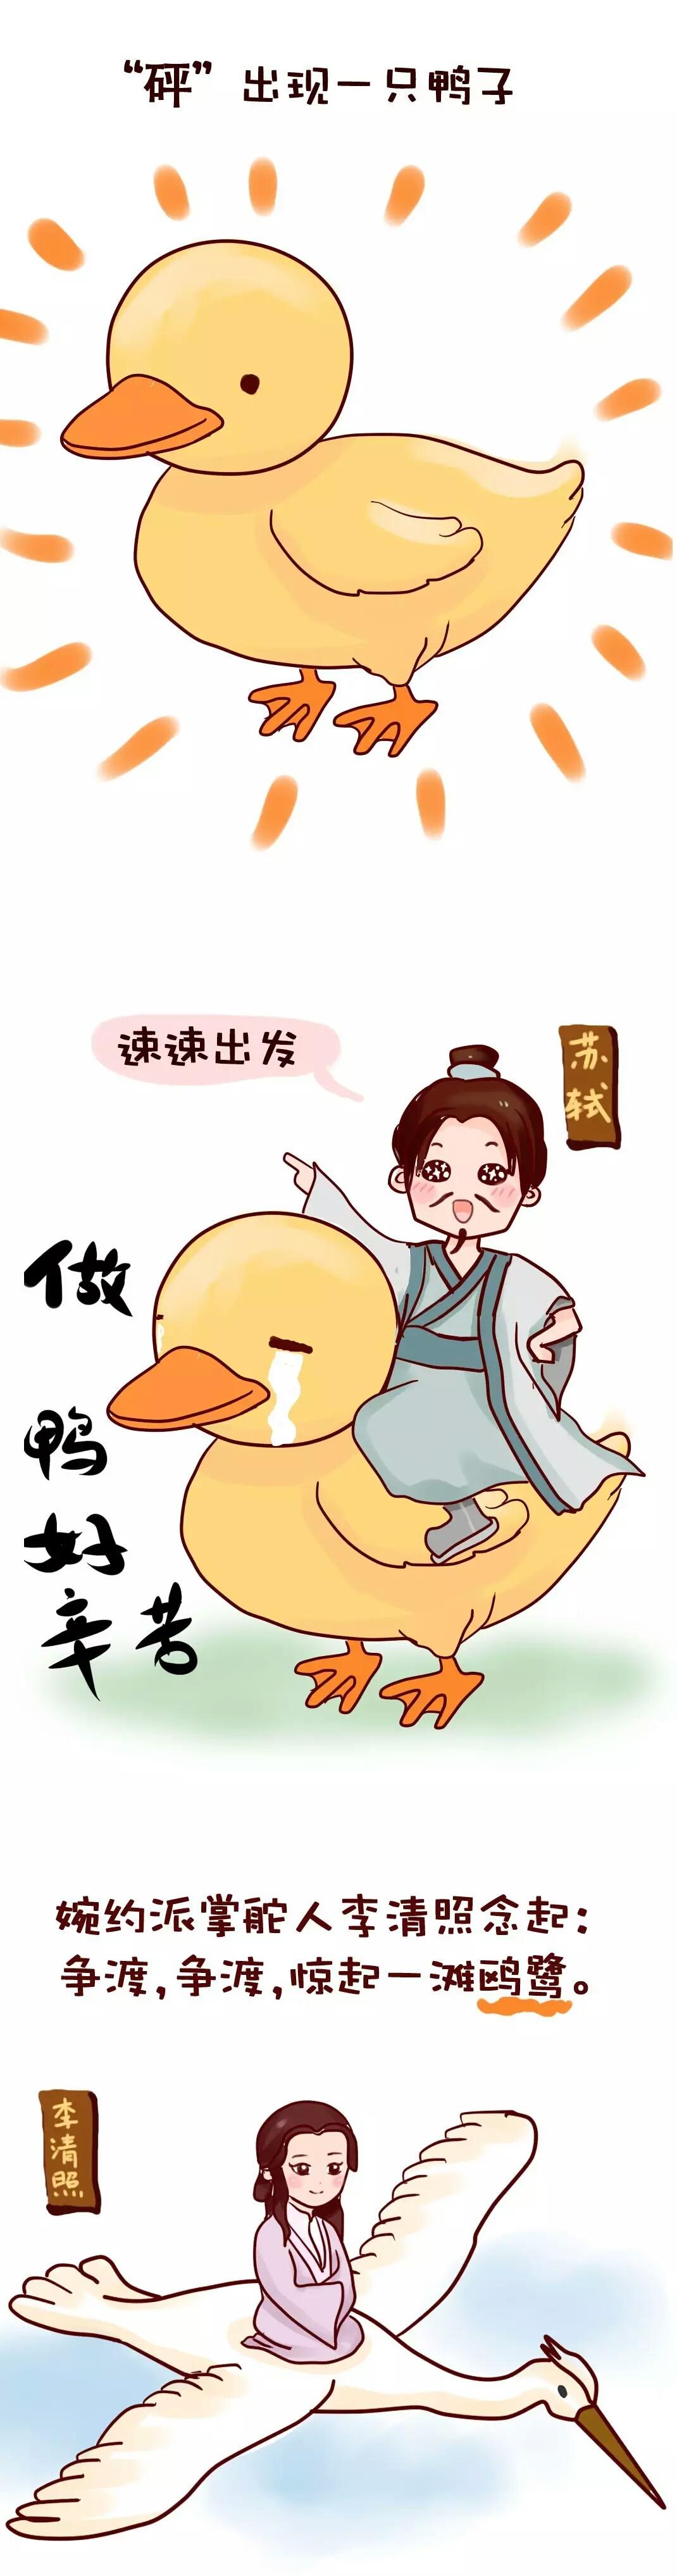 漫画【诗人部落】第四话迷之坐骑